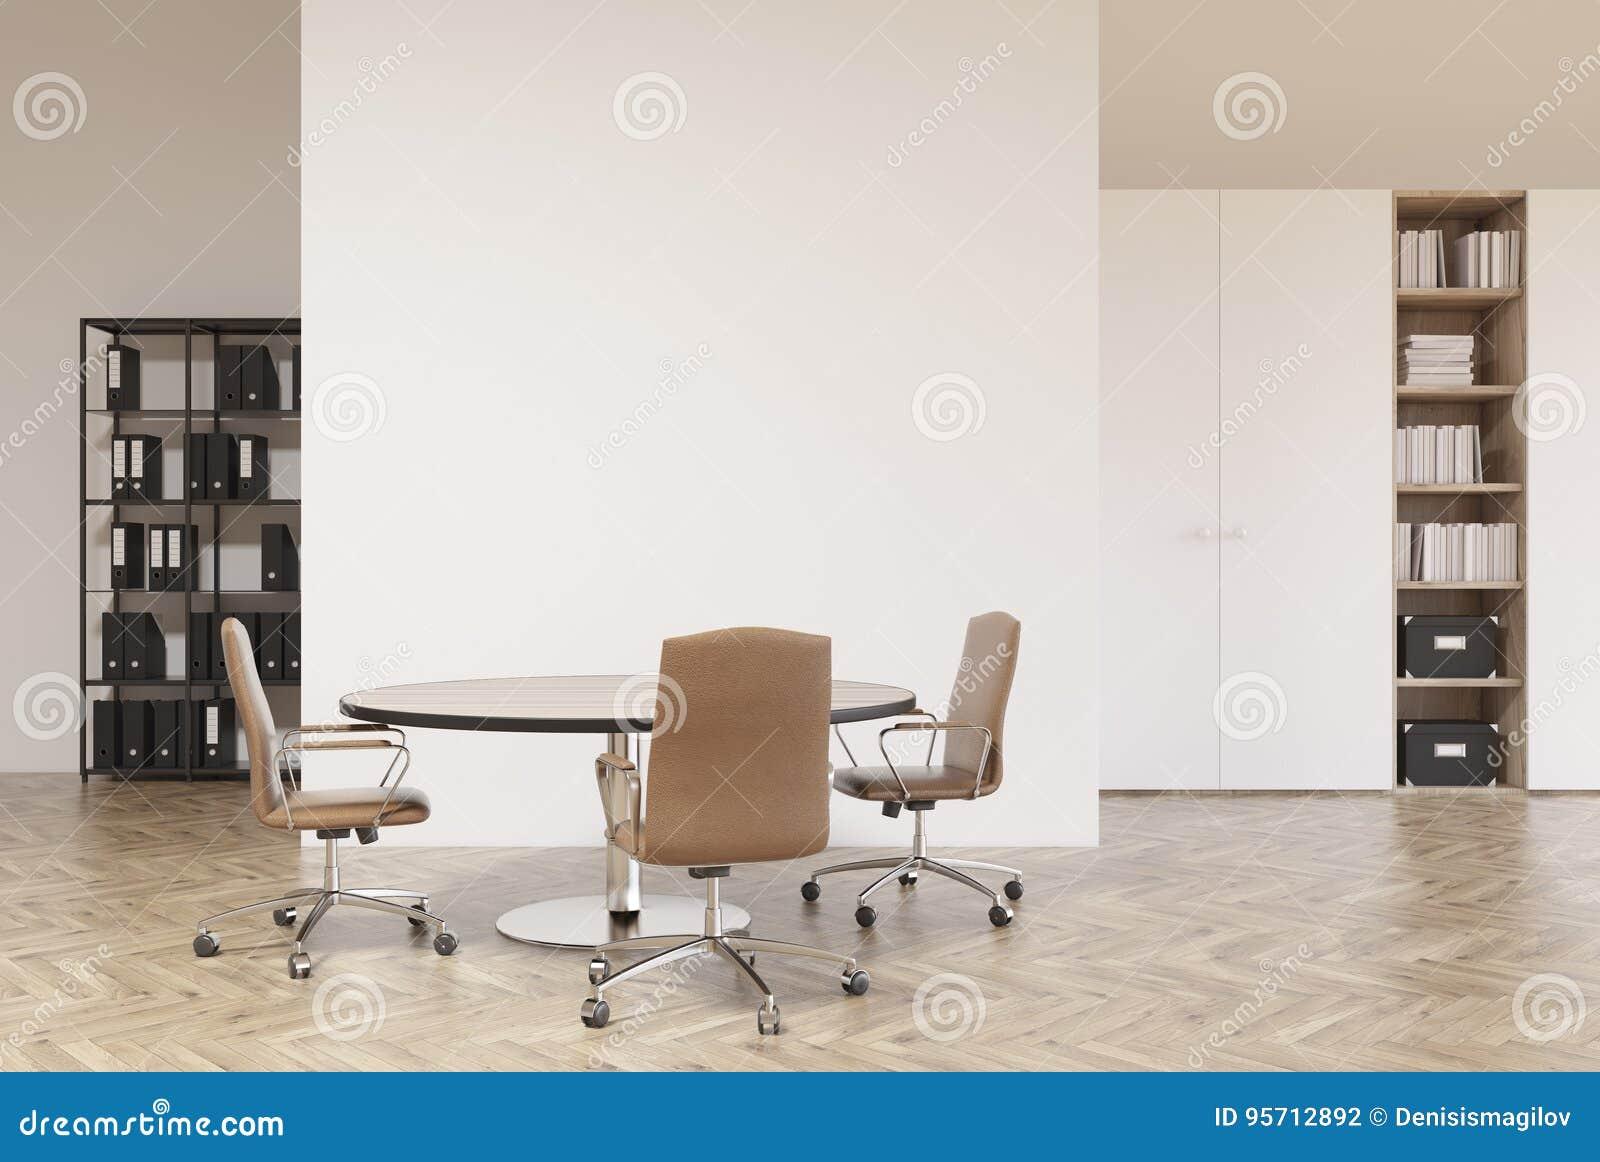 Ufficio Legno Bianco : Ufficio bianco e di legno scaffali illustrazione di stock